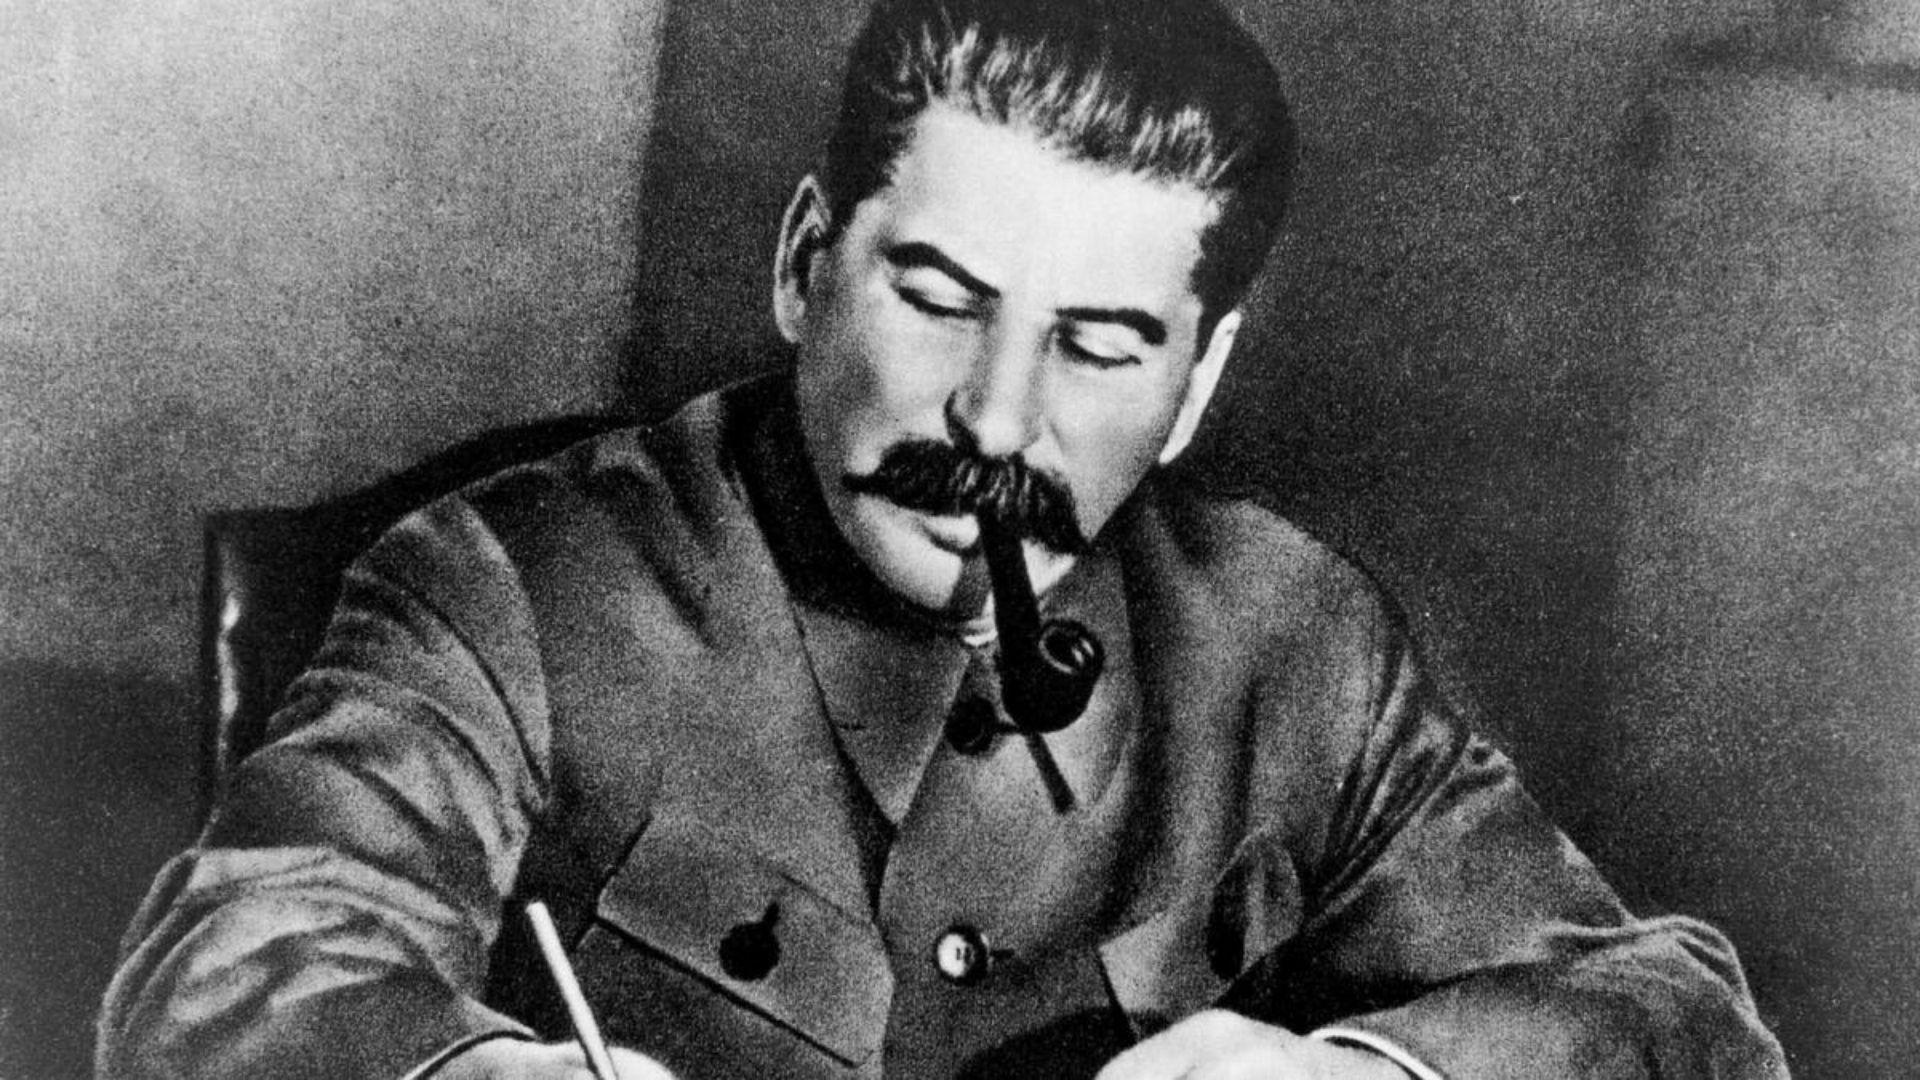 Episode 324 Do You Know Joseph Stalin